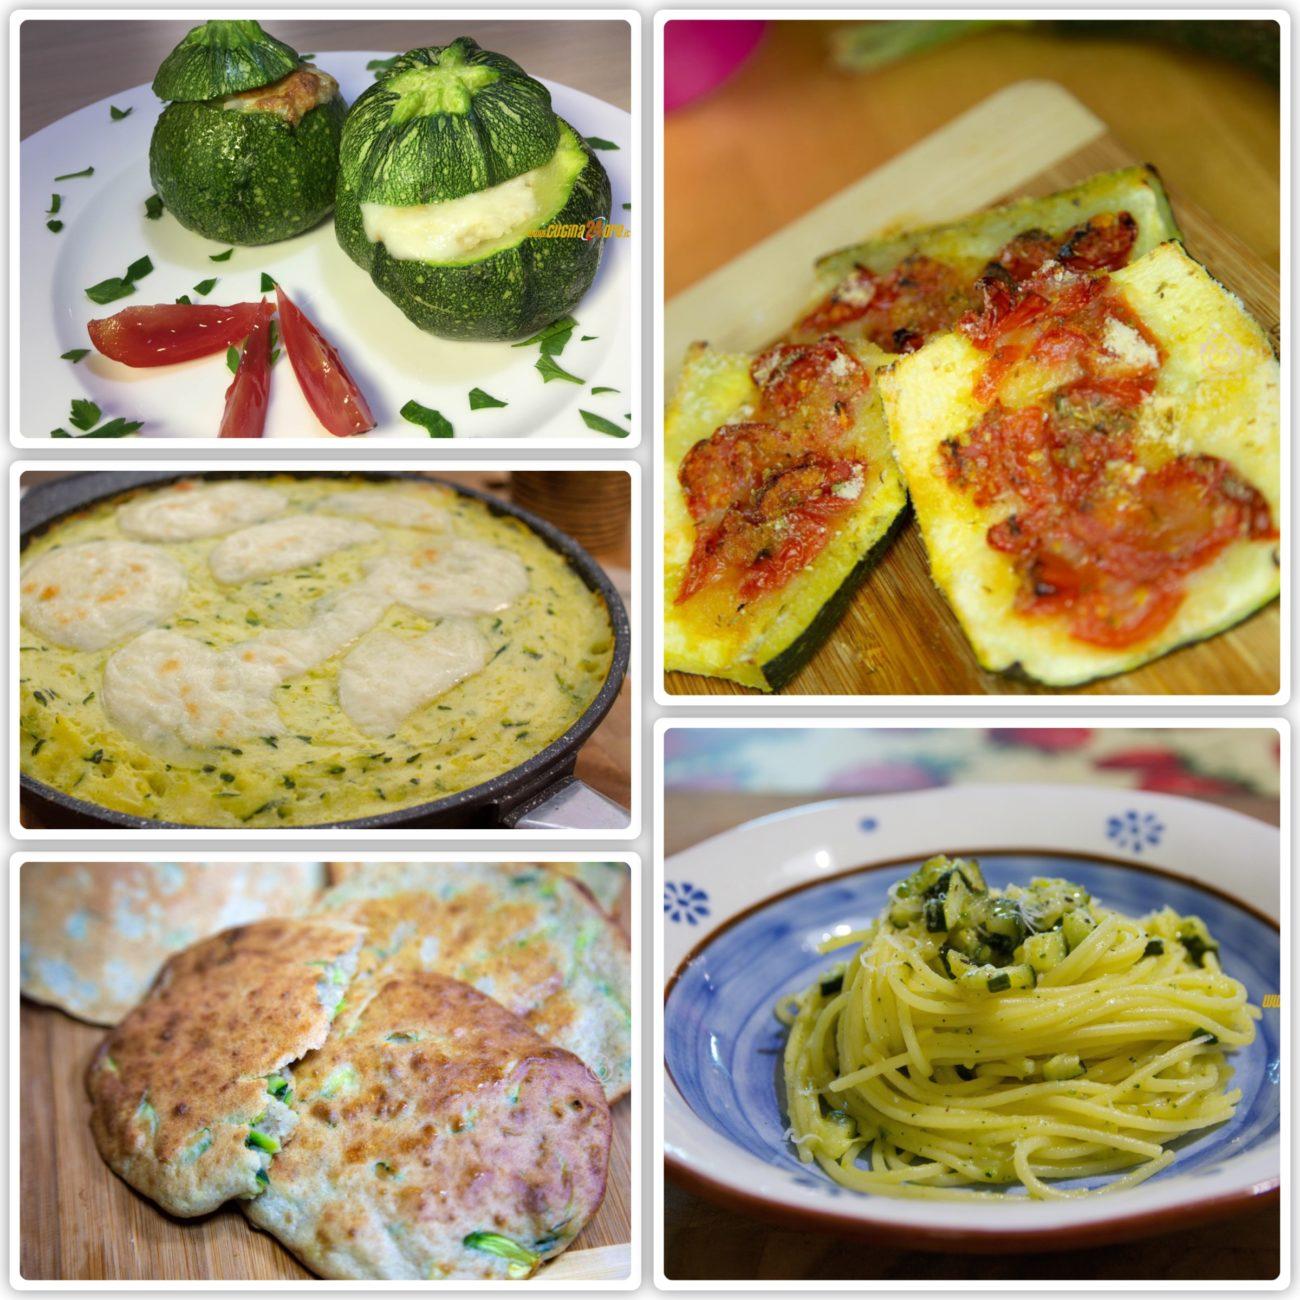 La mia TOP 5 delle Ricette con Zucchine!